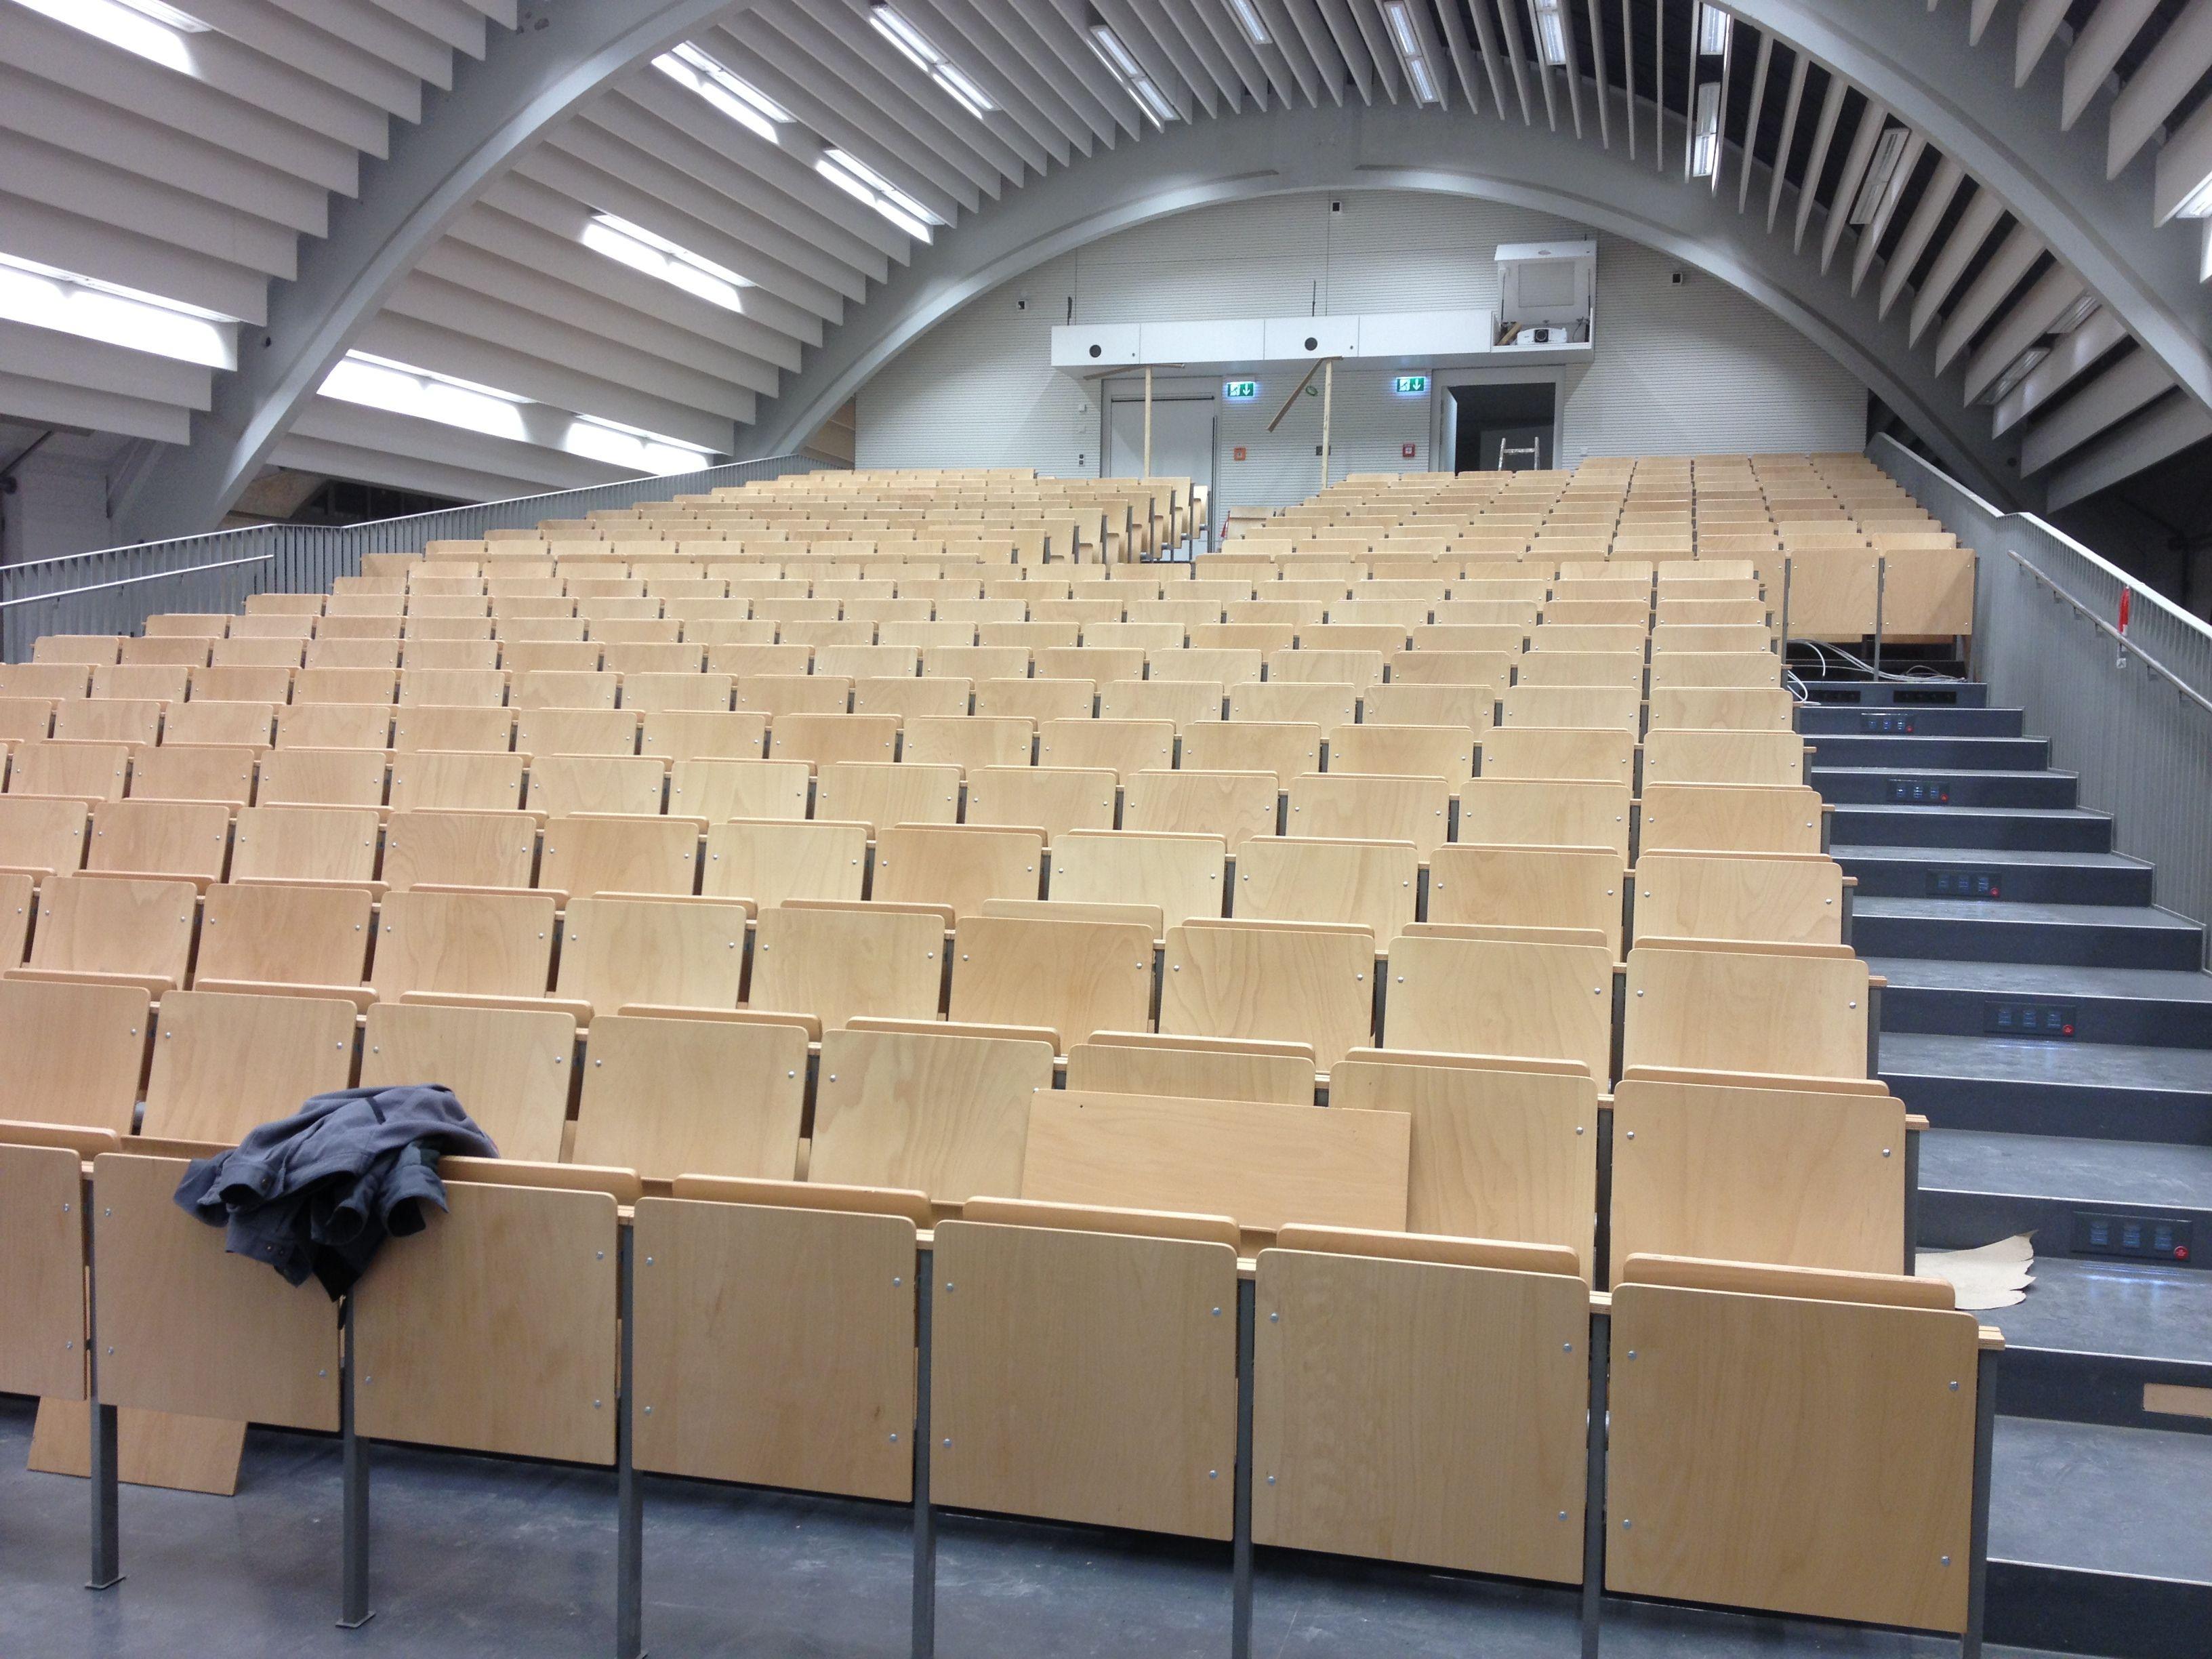 Lehrsaal an der TU Darmstadt